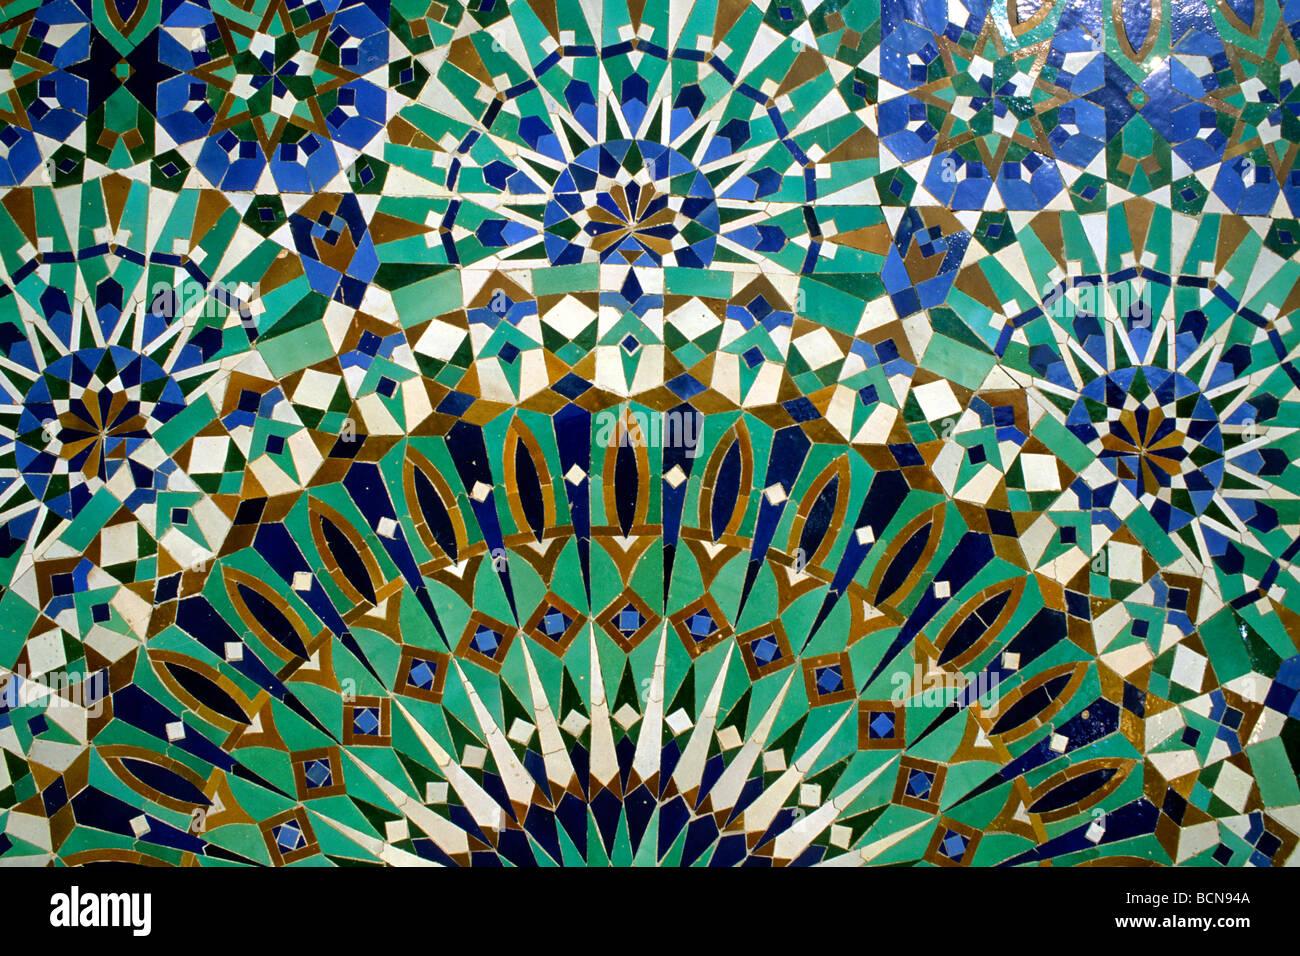 Il marocco mosaico fes foto & immagine stock: 25054410 alamy